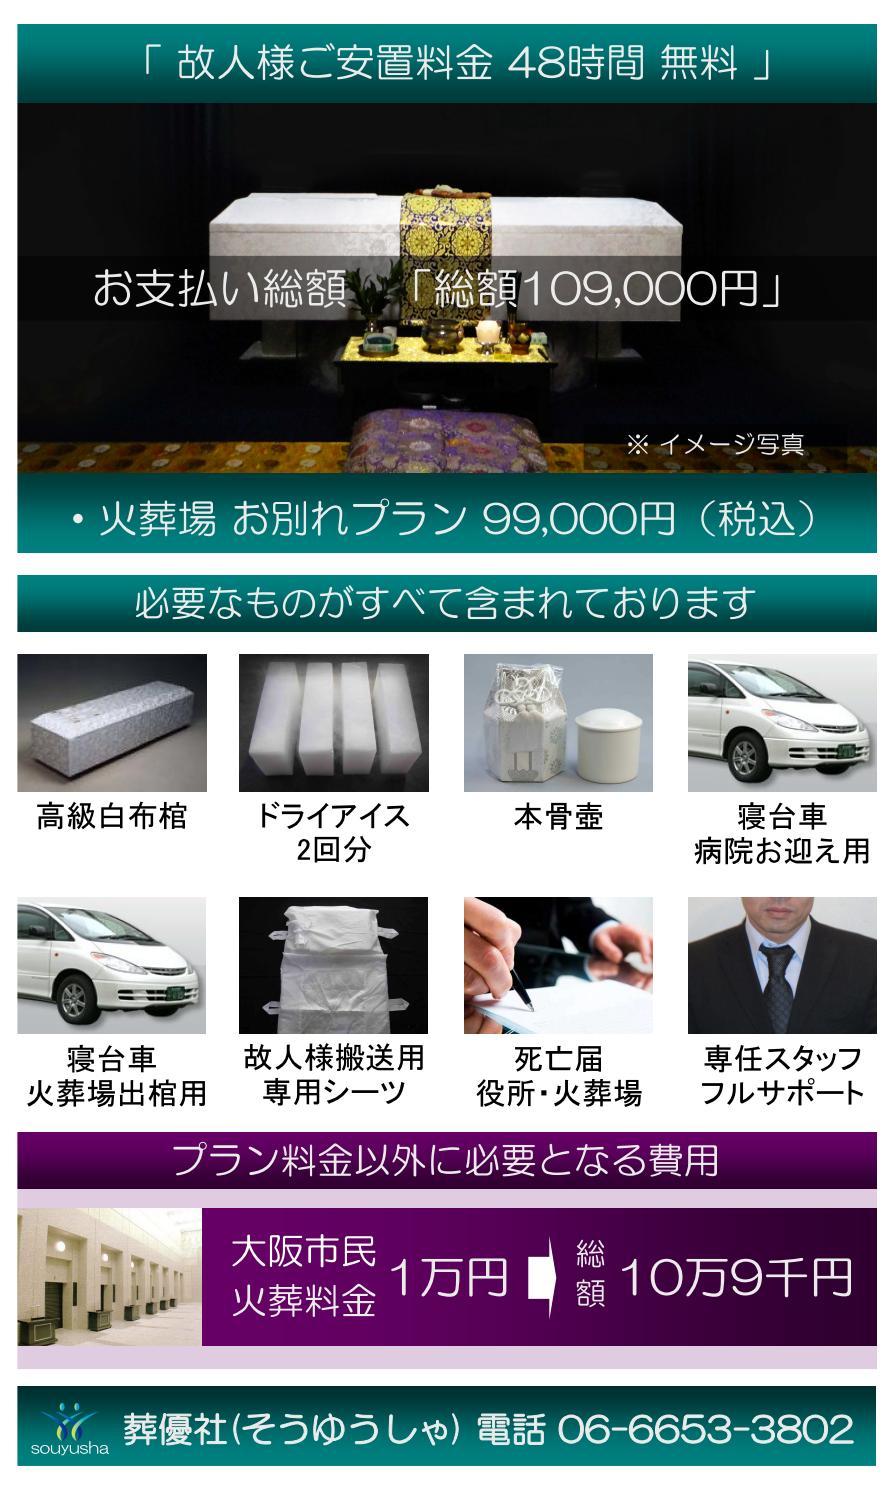 大阪で火葬のみで葬儀|総額9.9万円(税込・48時間 安置無料)